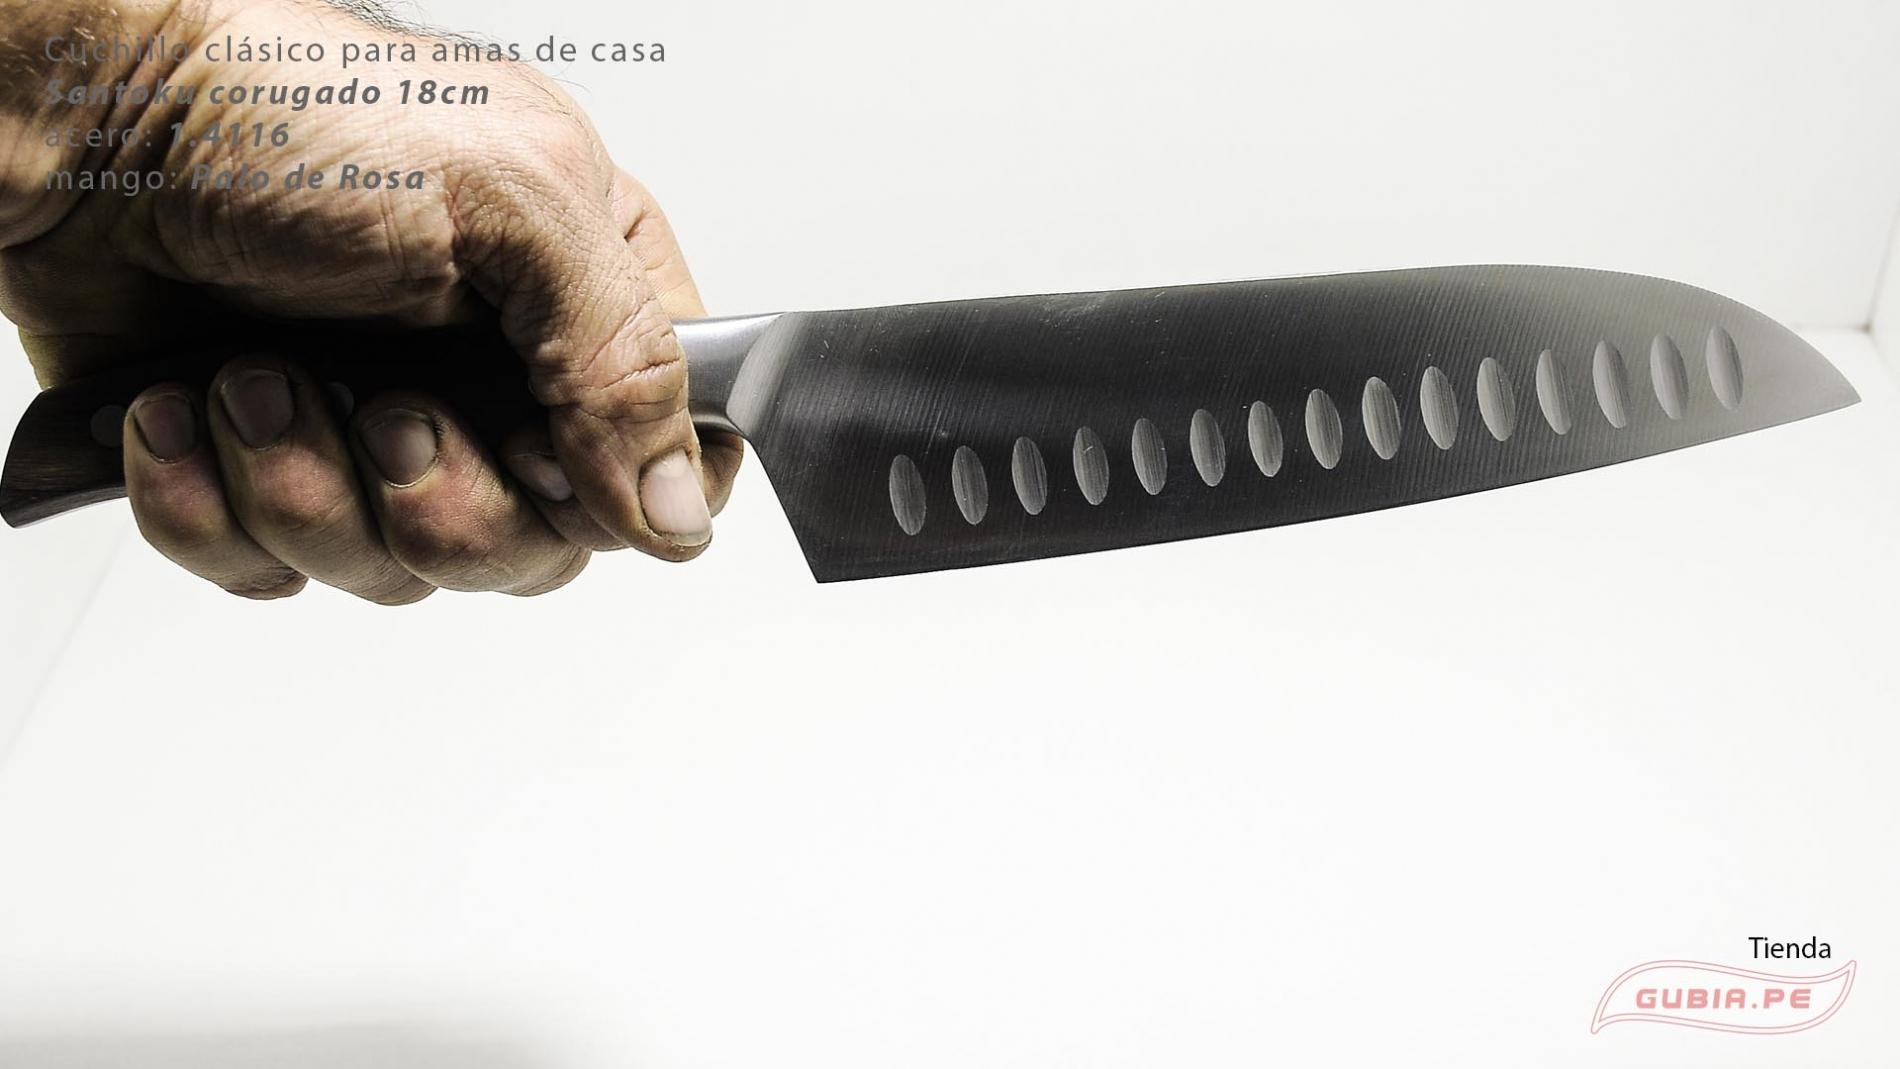 C1s18-Cuchillo Santoku 18cm  acero 1.4116 Palo de Rosa Clásico C1s18-max-6.